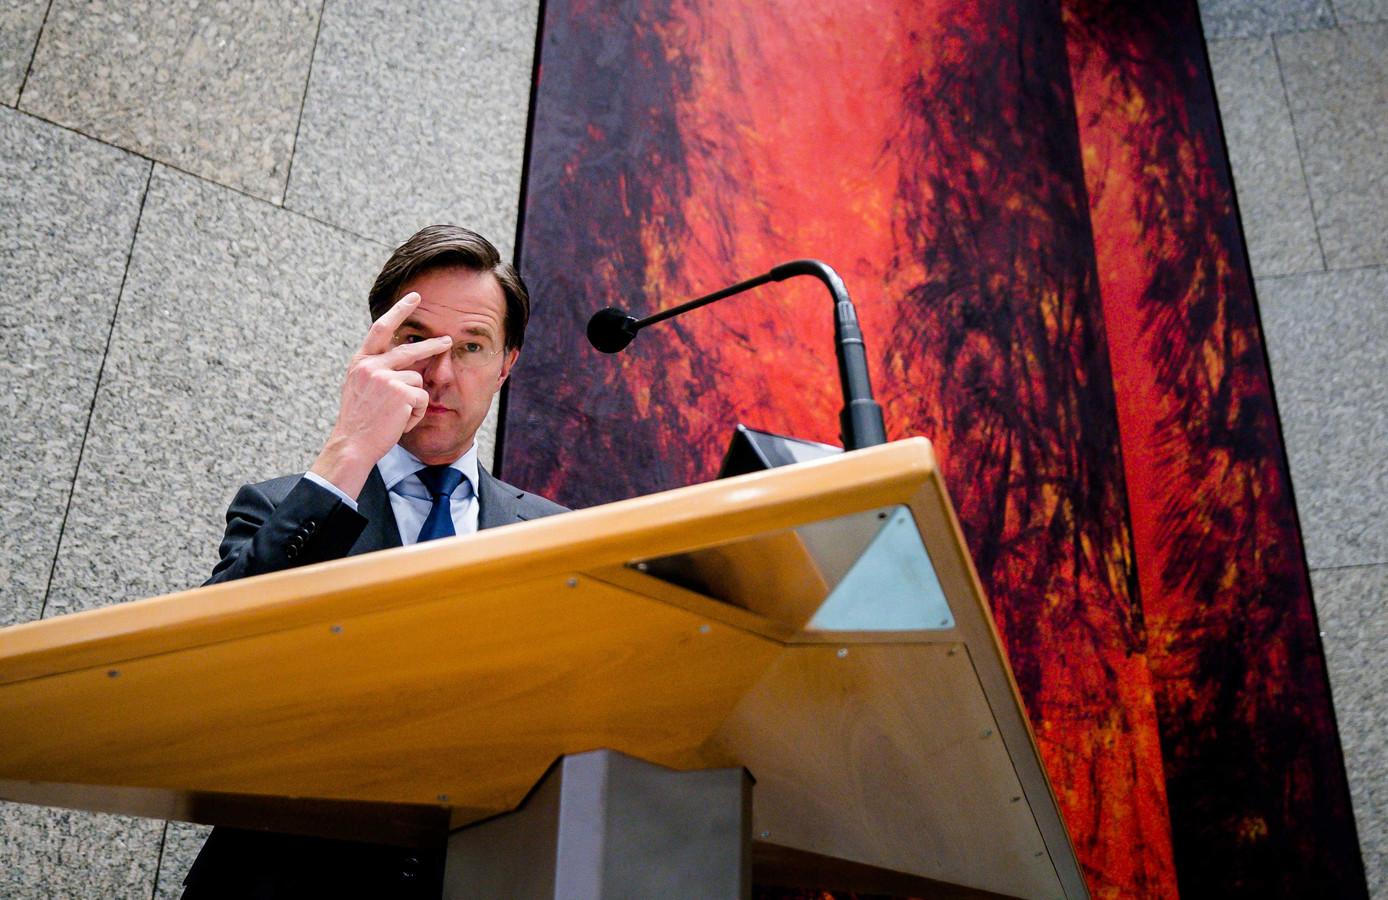 VVD-leider Mark Rutte tijdens het Kamerdebat over de mislukte formatieverkenning. Aan de verkenning kwam abrupt een einde toen een notitie over die gesprekken door een blunder van verkenner Kajsa Ollongren (D66) op straat kwam te liggen.